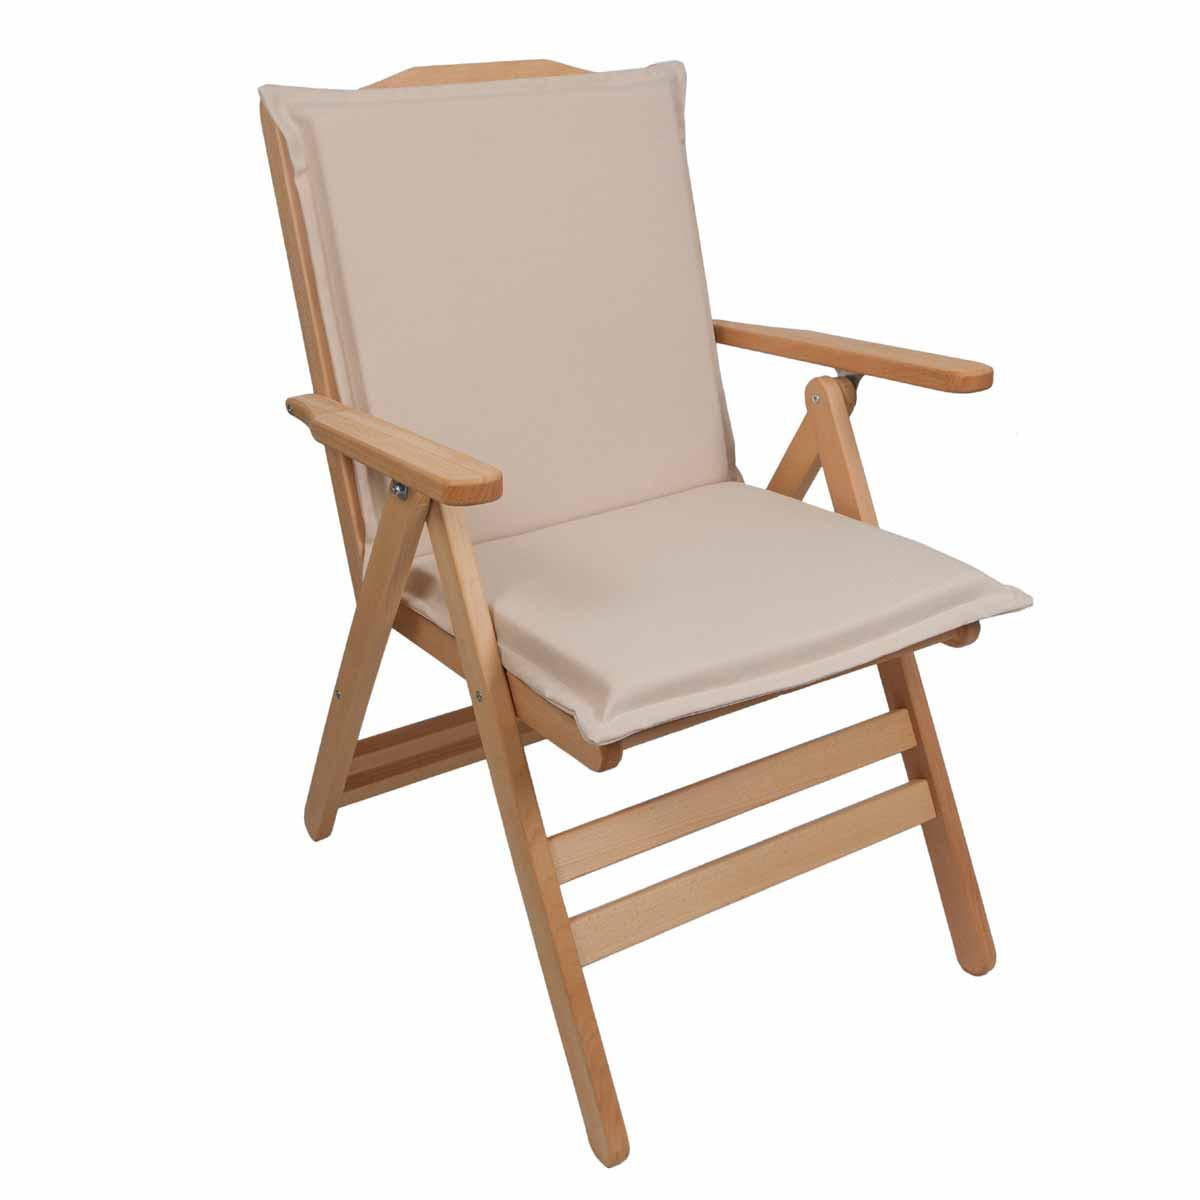 Μαξιλάρι Καρέκλας Με Πλάτη 92cm Be Comfy Beige 208